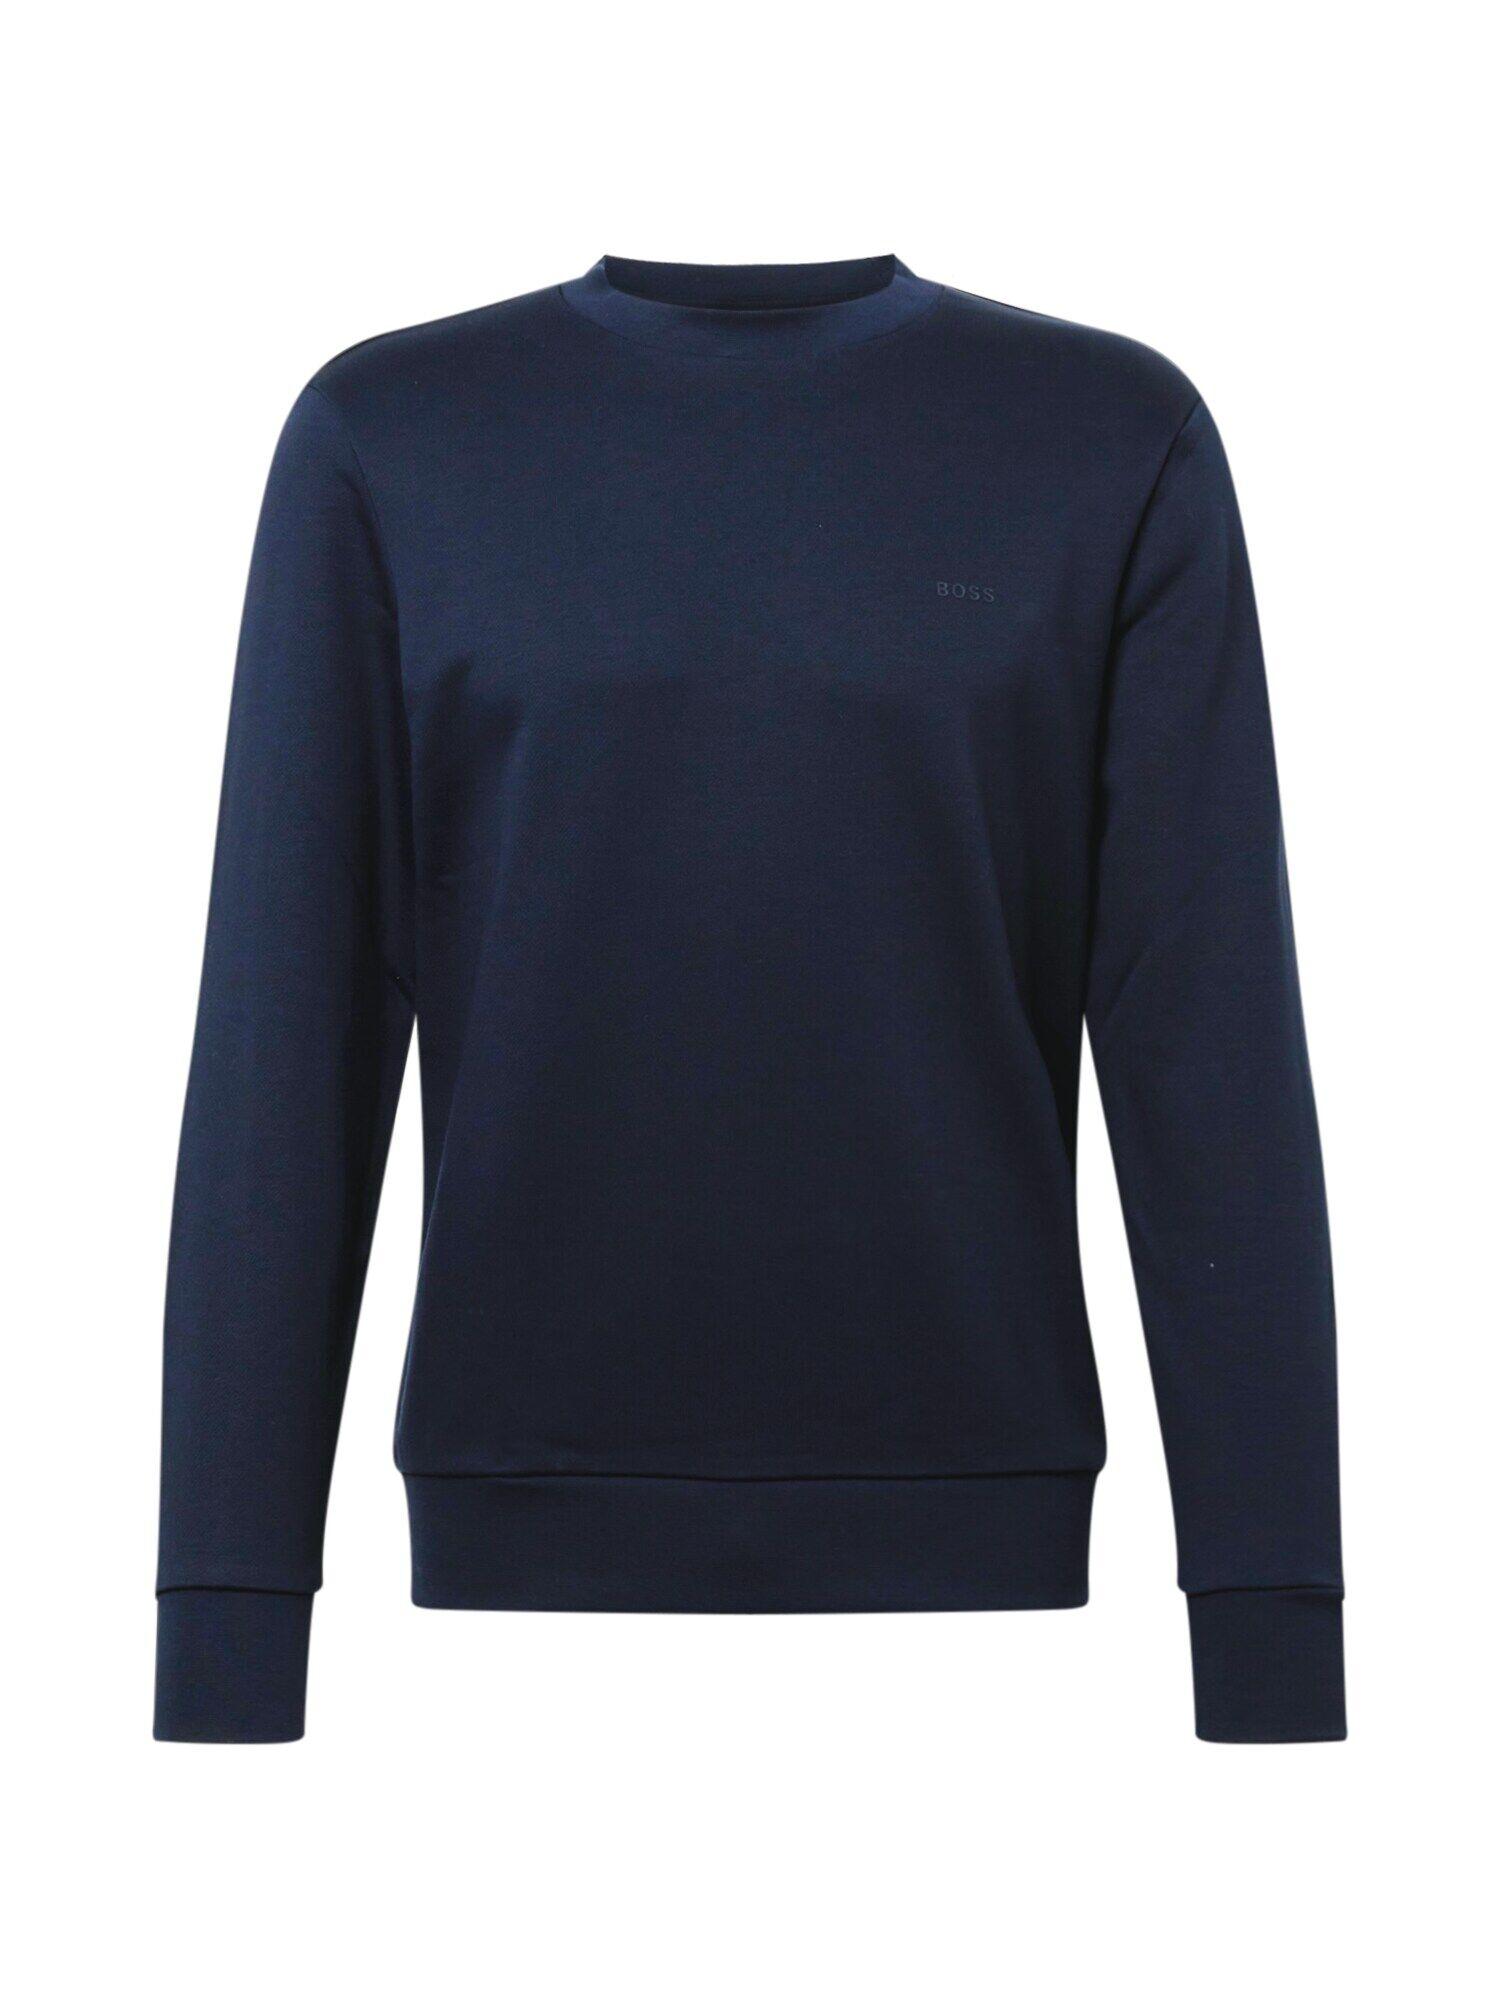 Boss Sweat-shirt 'Stadler 79'  - Bleu - Taille: S - male